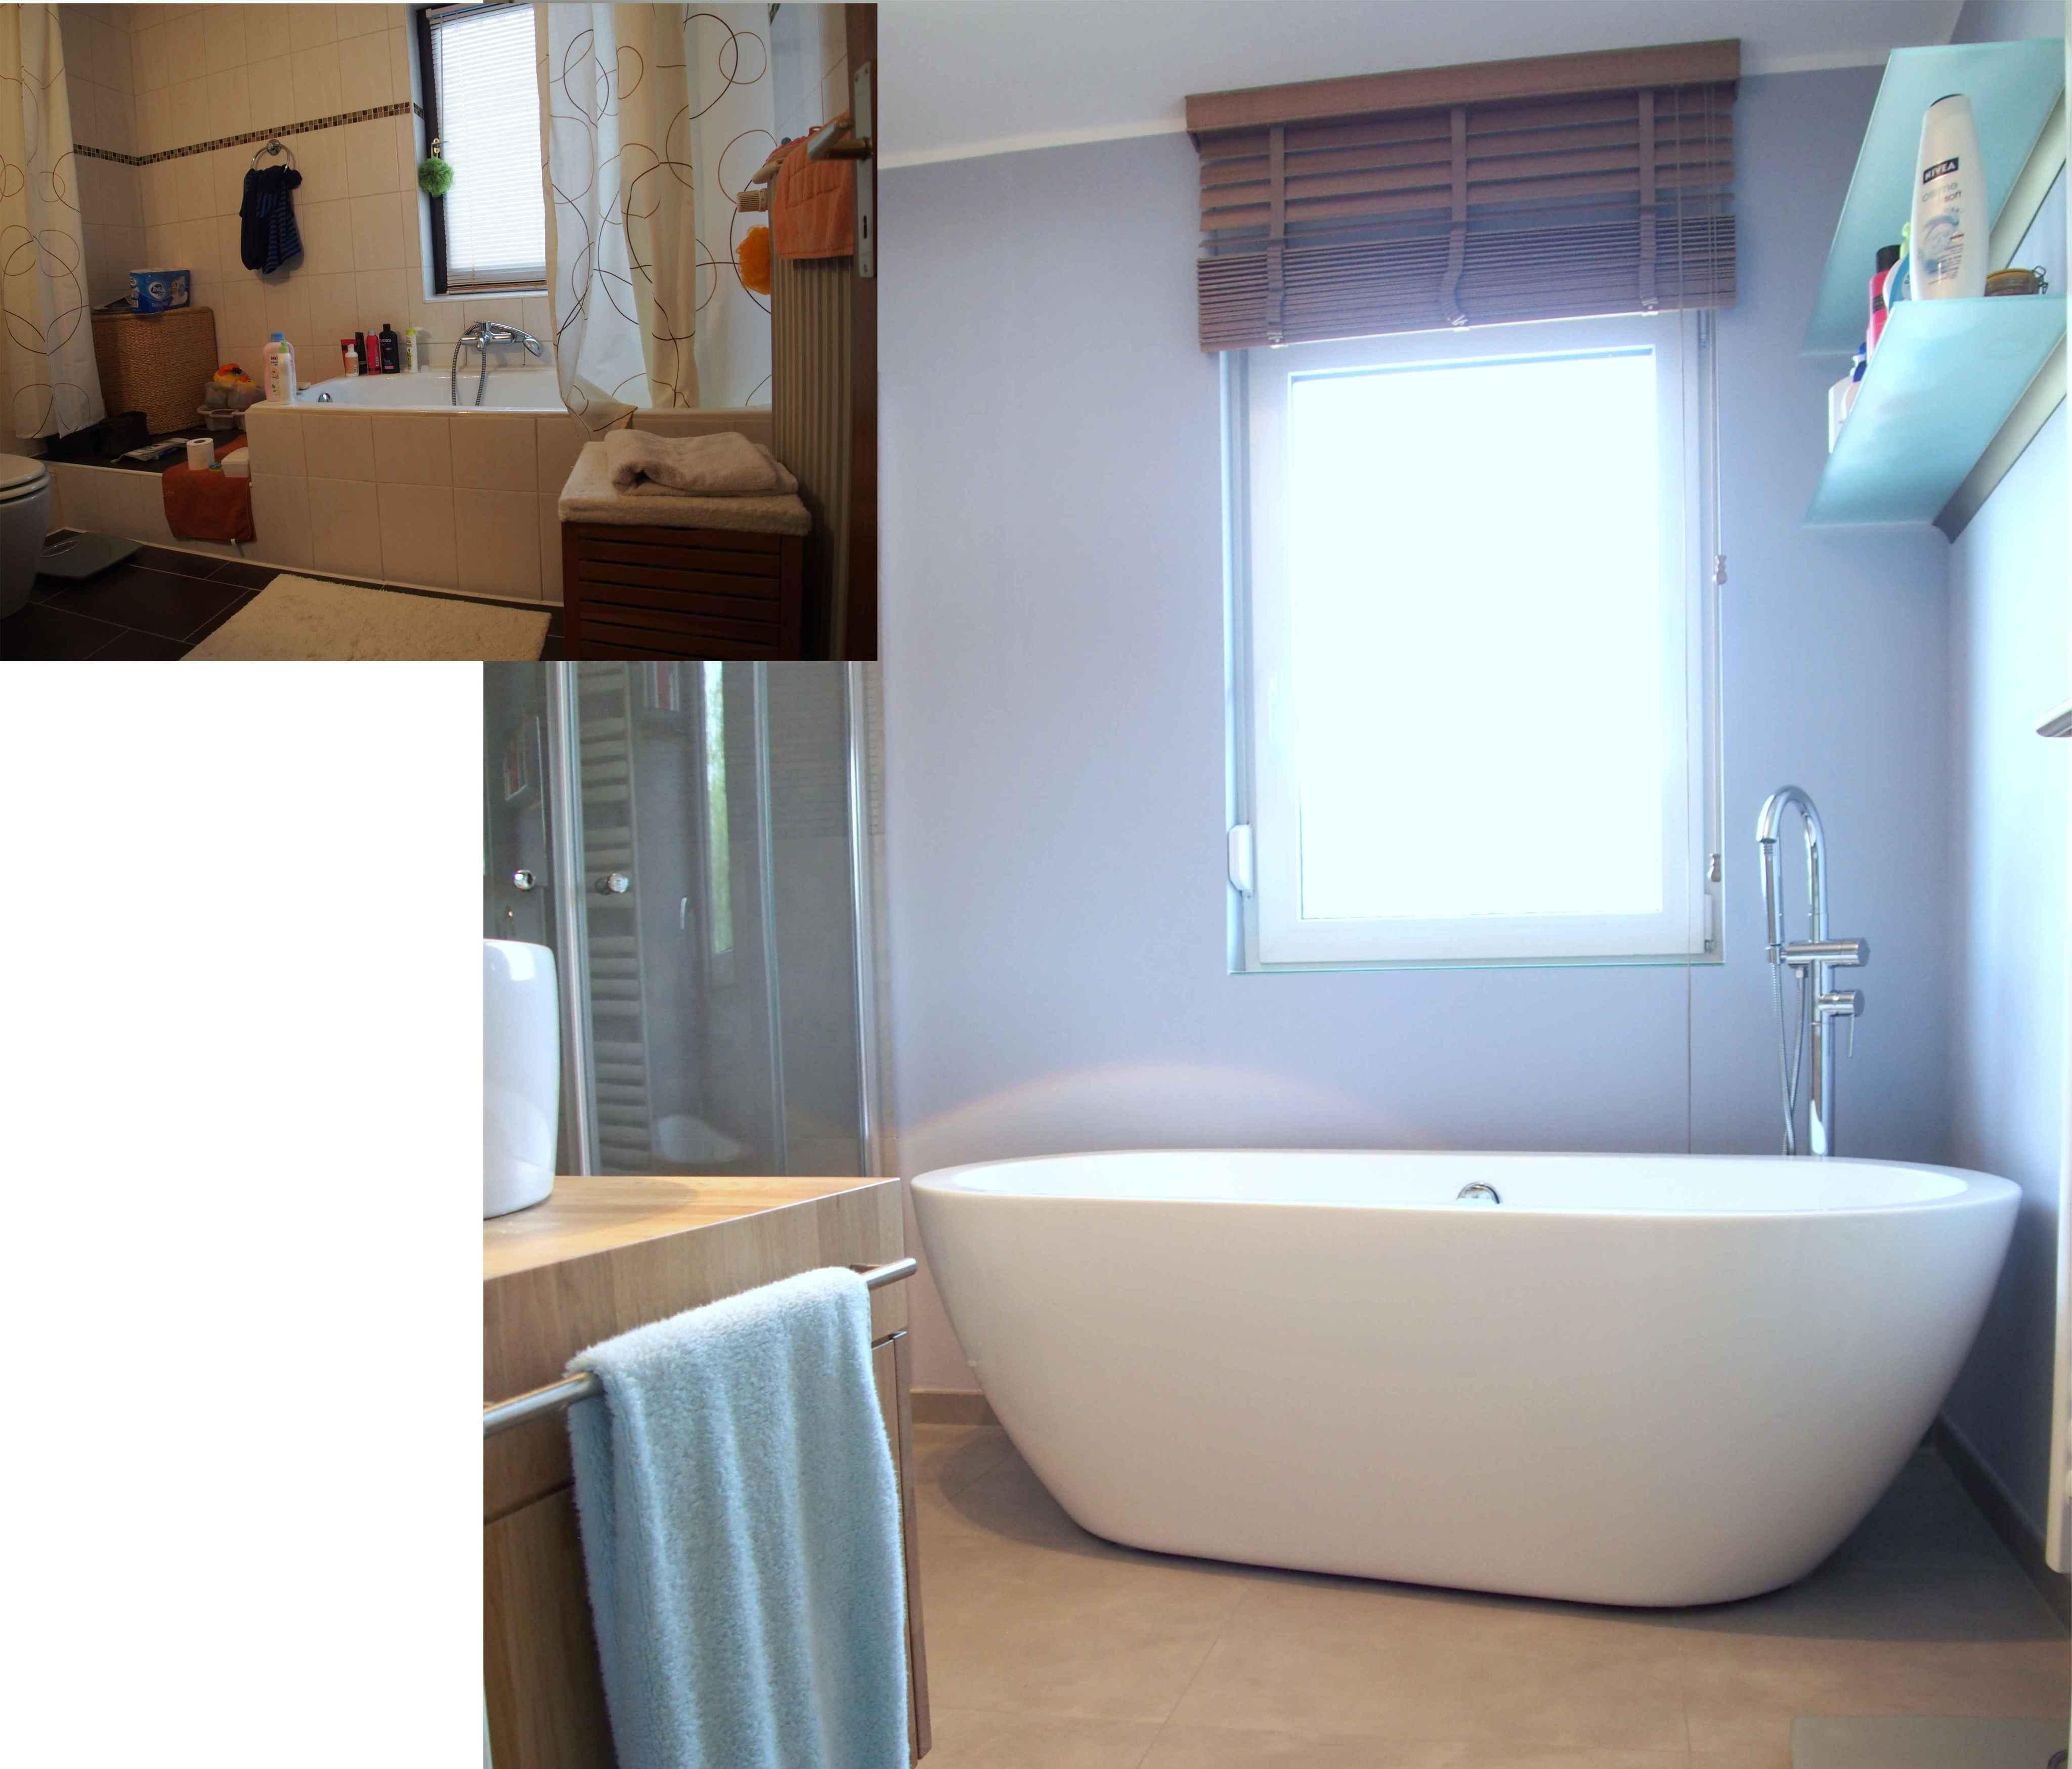 Umbau Wohnhaus Aus Den 70er Jahren #wandregal #badewanne #badezimmer  ©Yvette Sillo